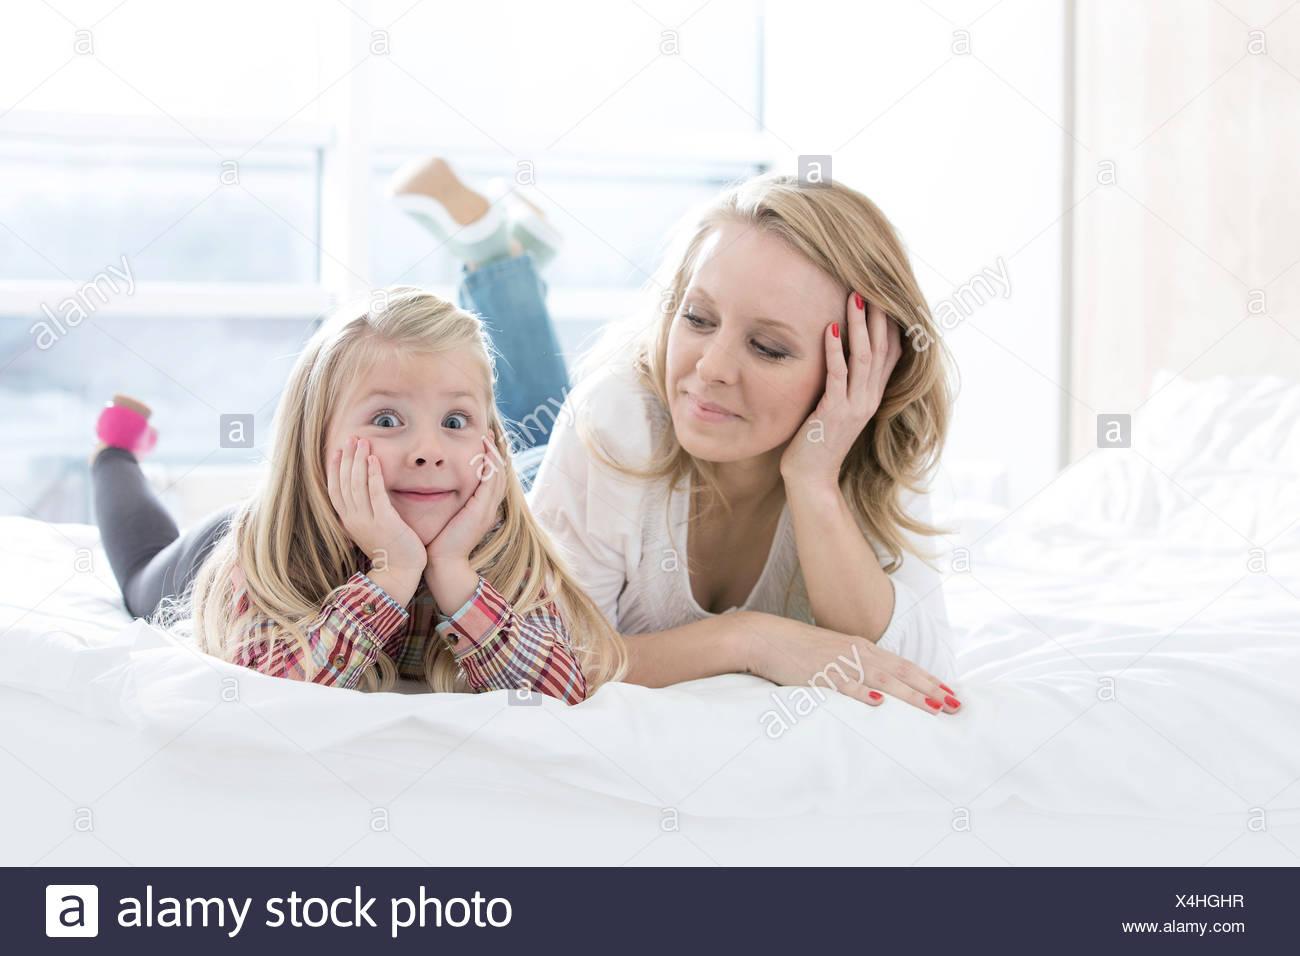 Madre mirando hermosa hija haciendo caras mientras está acostada en la cama Imagen De Stock